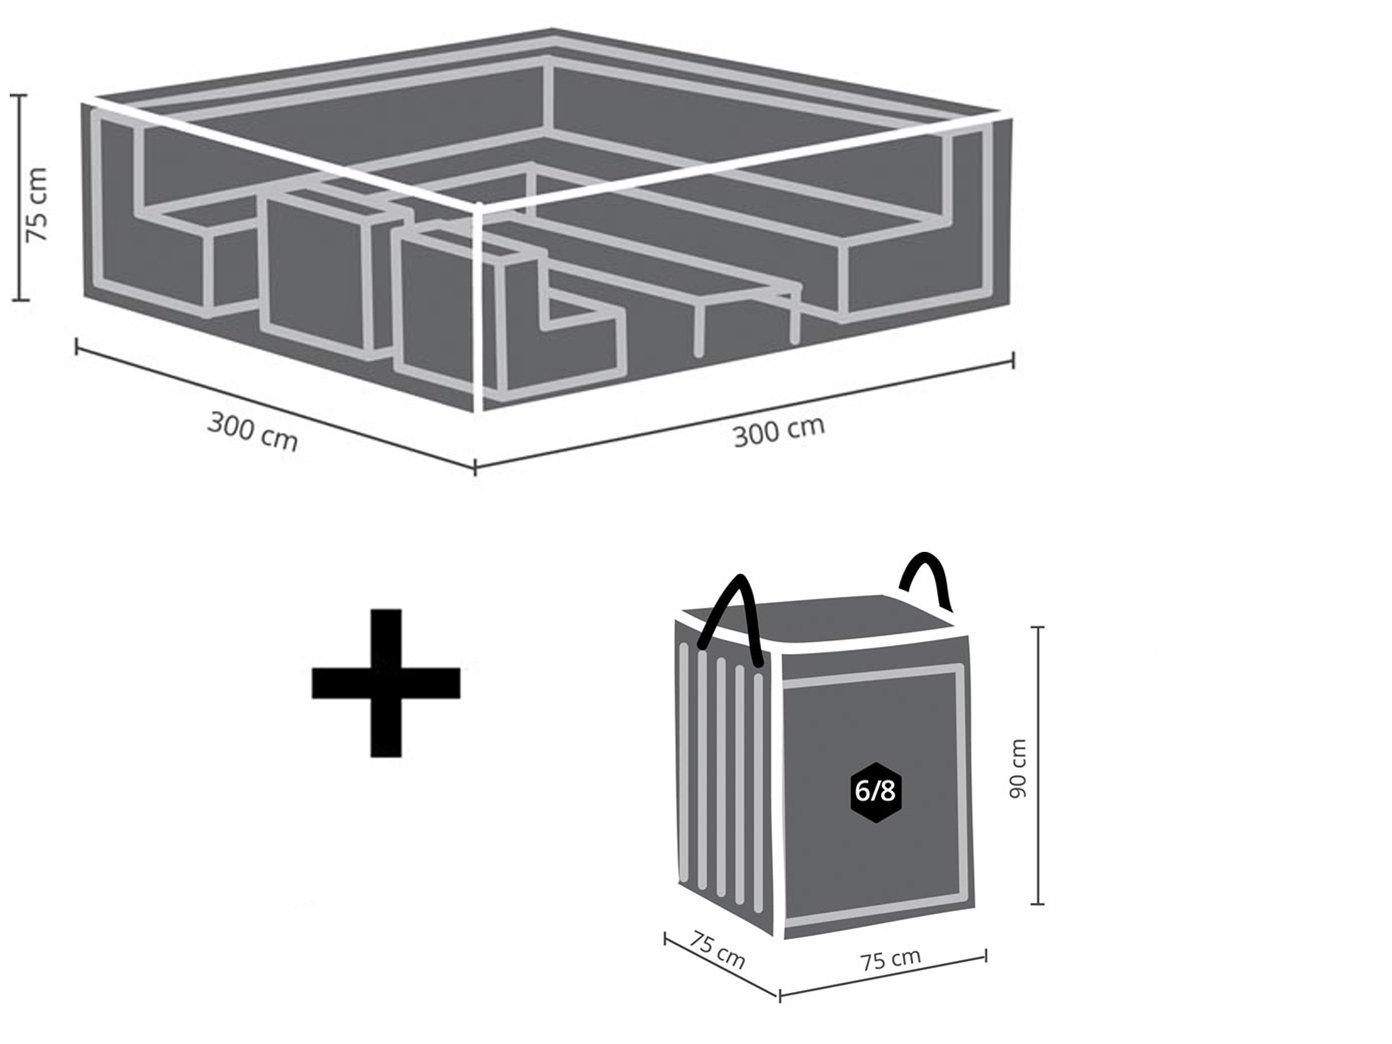 Amazon.de: Schutzhüllen Set: Abdeckung 300x300cm für Garten Lounge ...